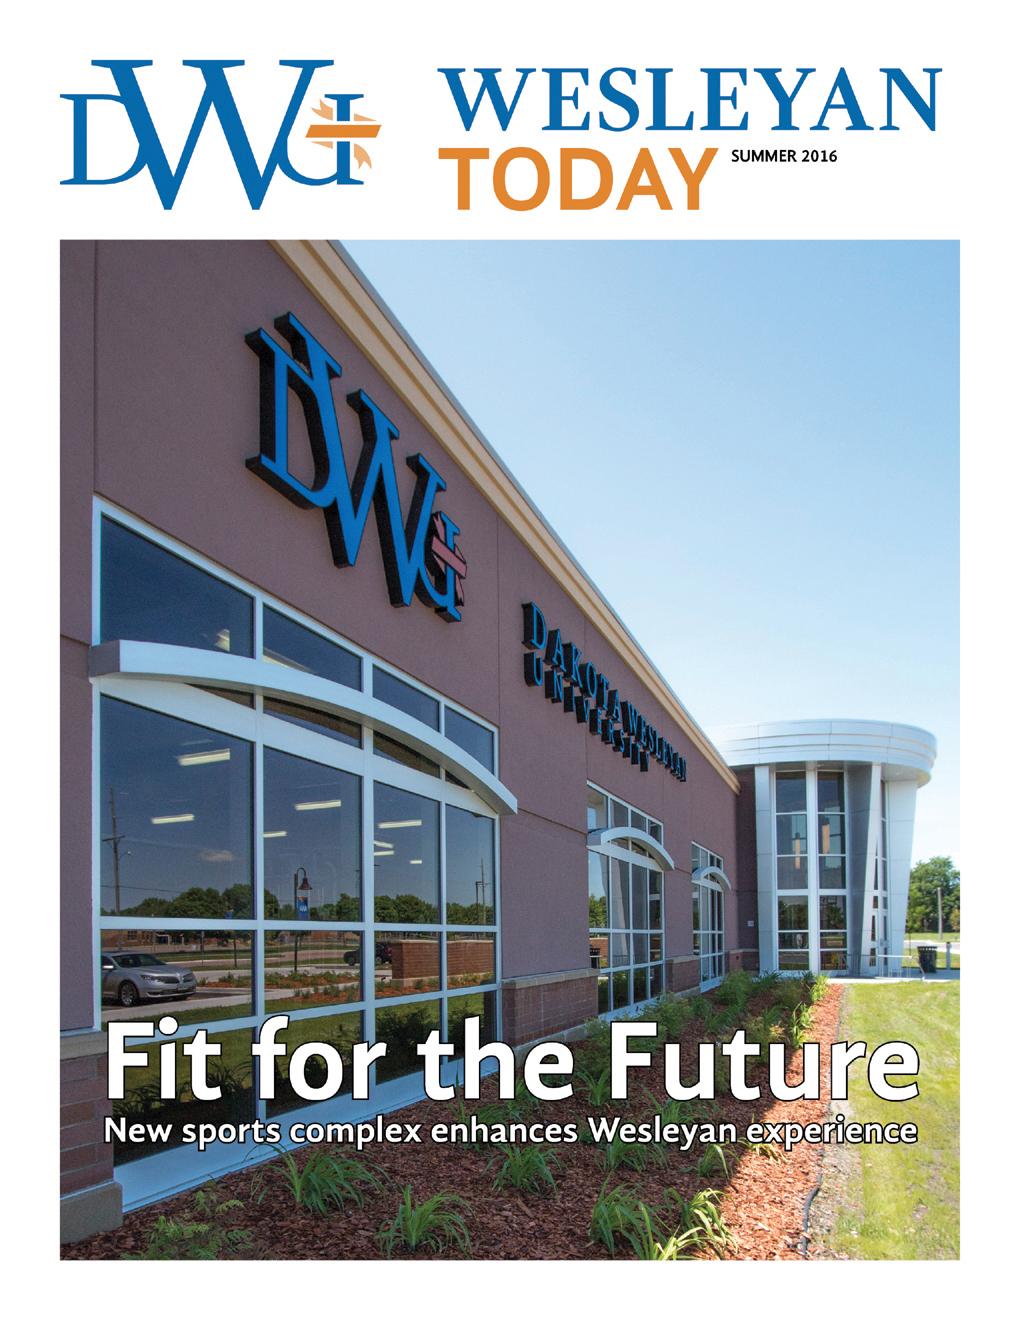 Cover of 2016 Summer Wesleyan Today alumni magazine